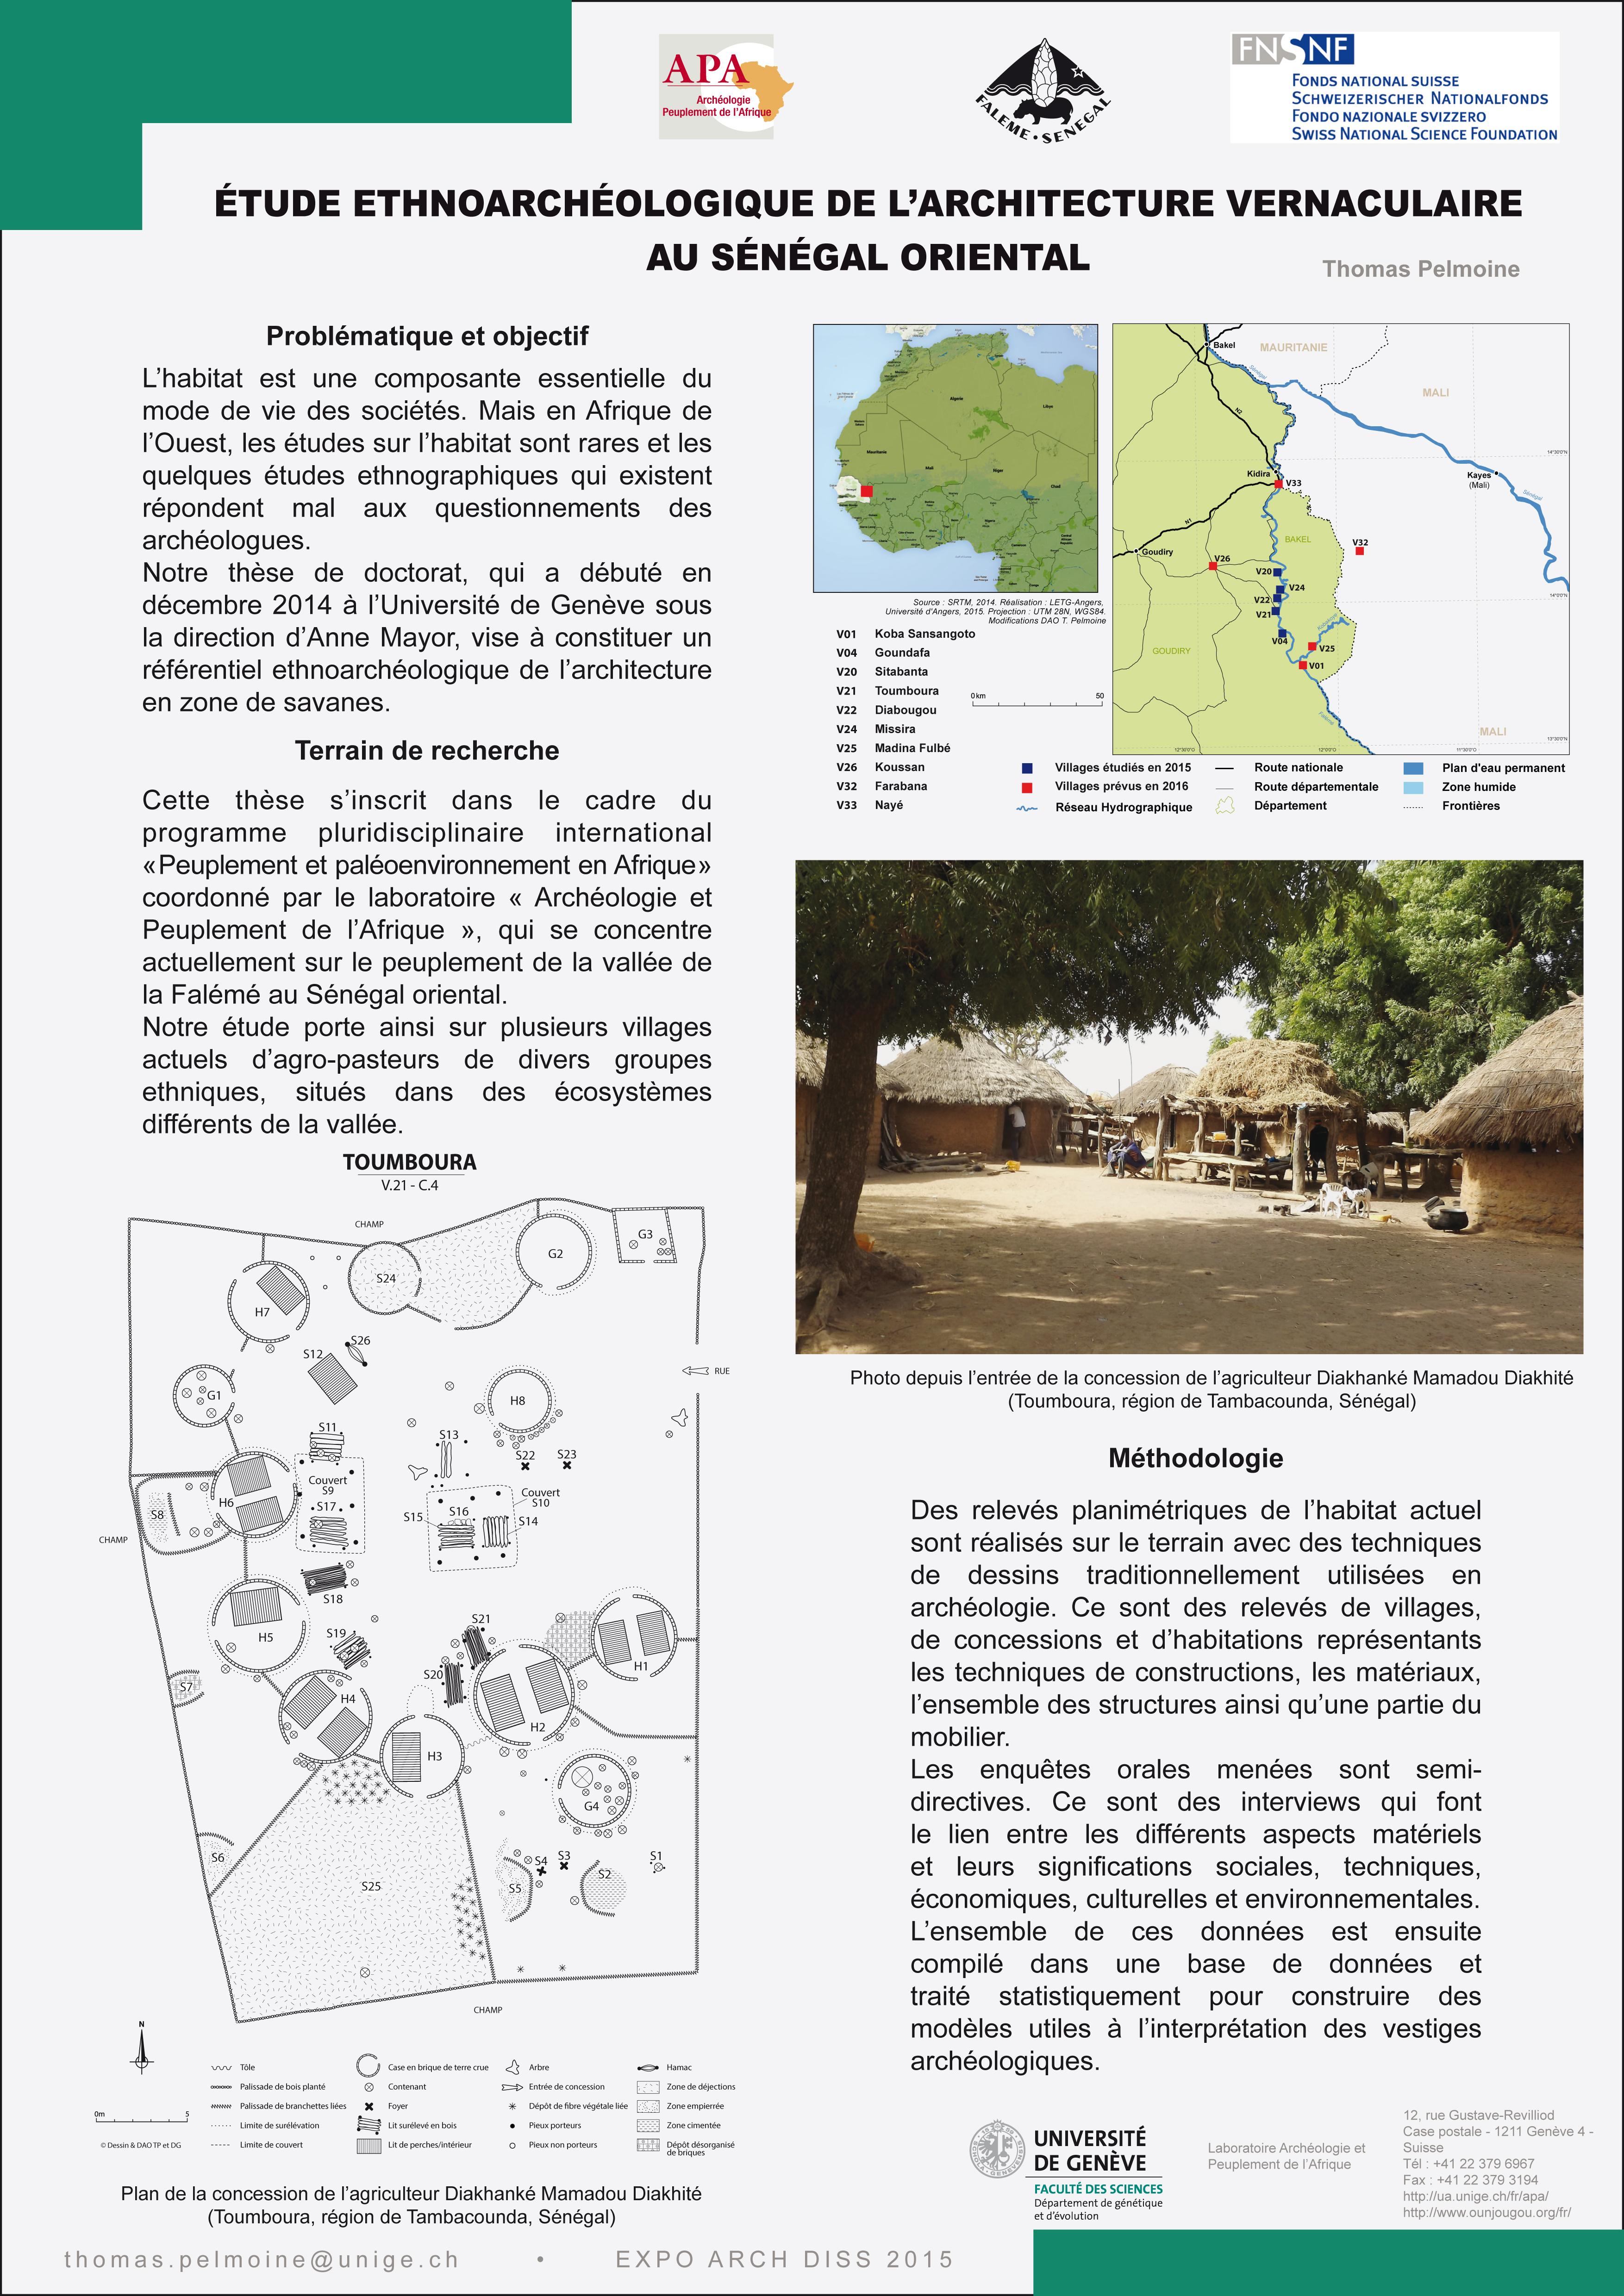 Thomas PELMOINE: Etude ethnoarchéologique de l'architecture vernaculaire au Sénégal oriental.